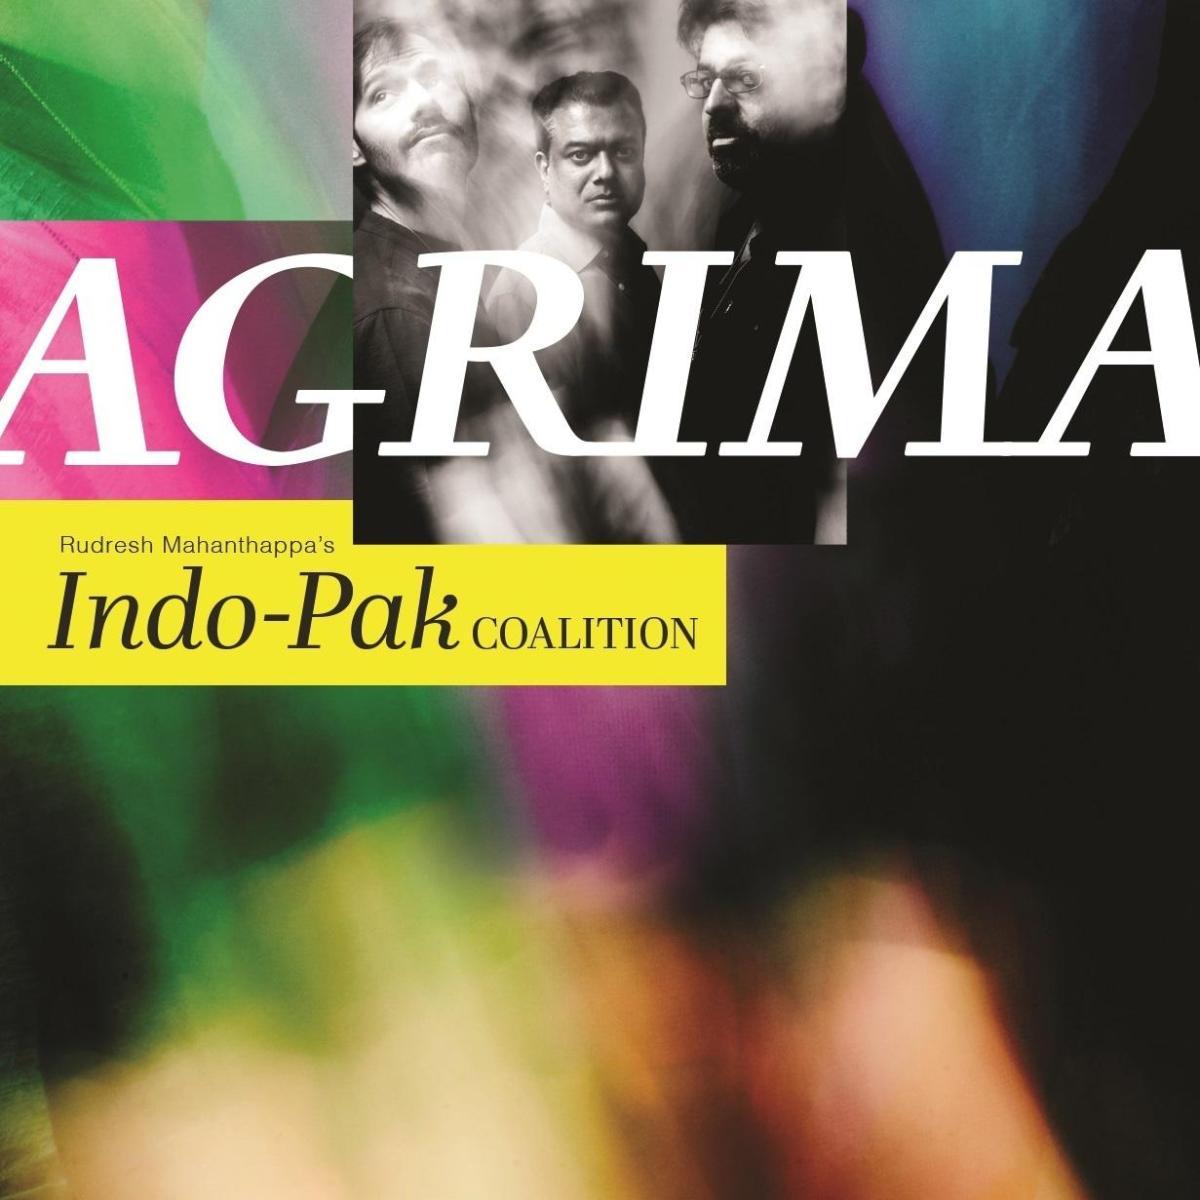 Rudresh Mahanthappa & Indo-Pak Coalition: Agrima (autoeditado, 2017) [Grabación]